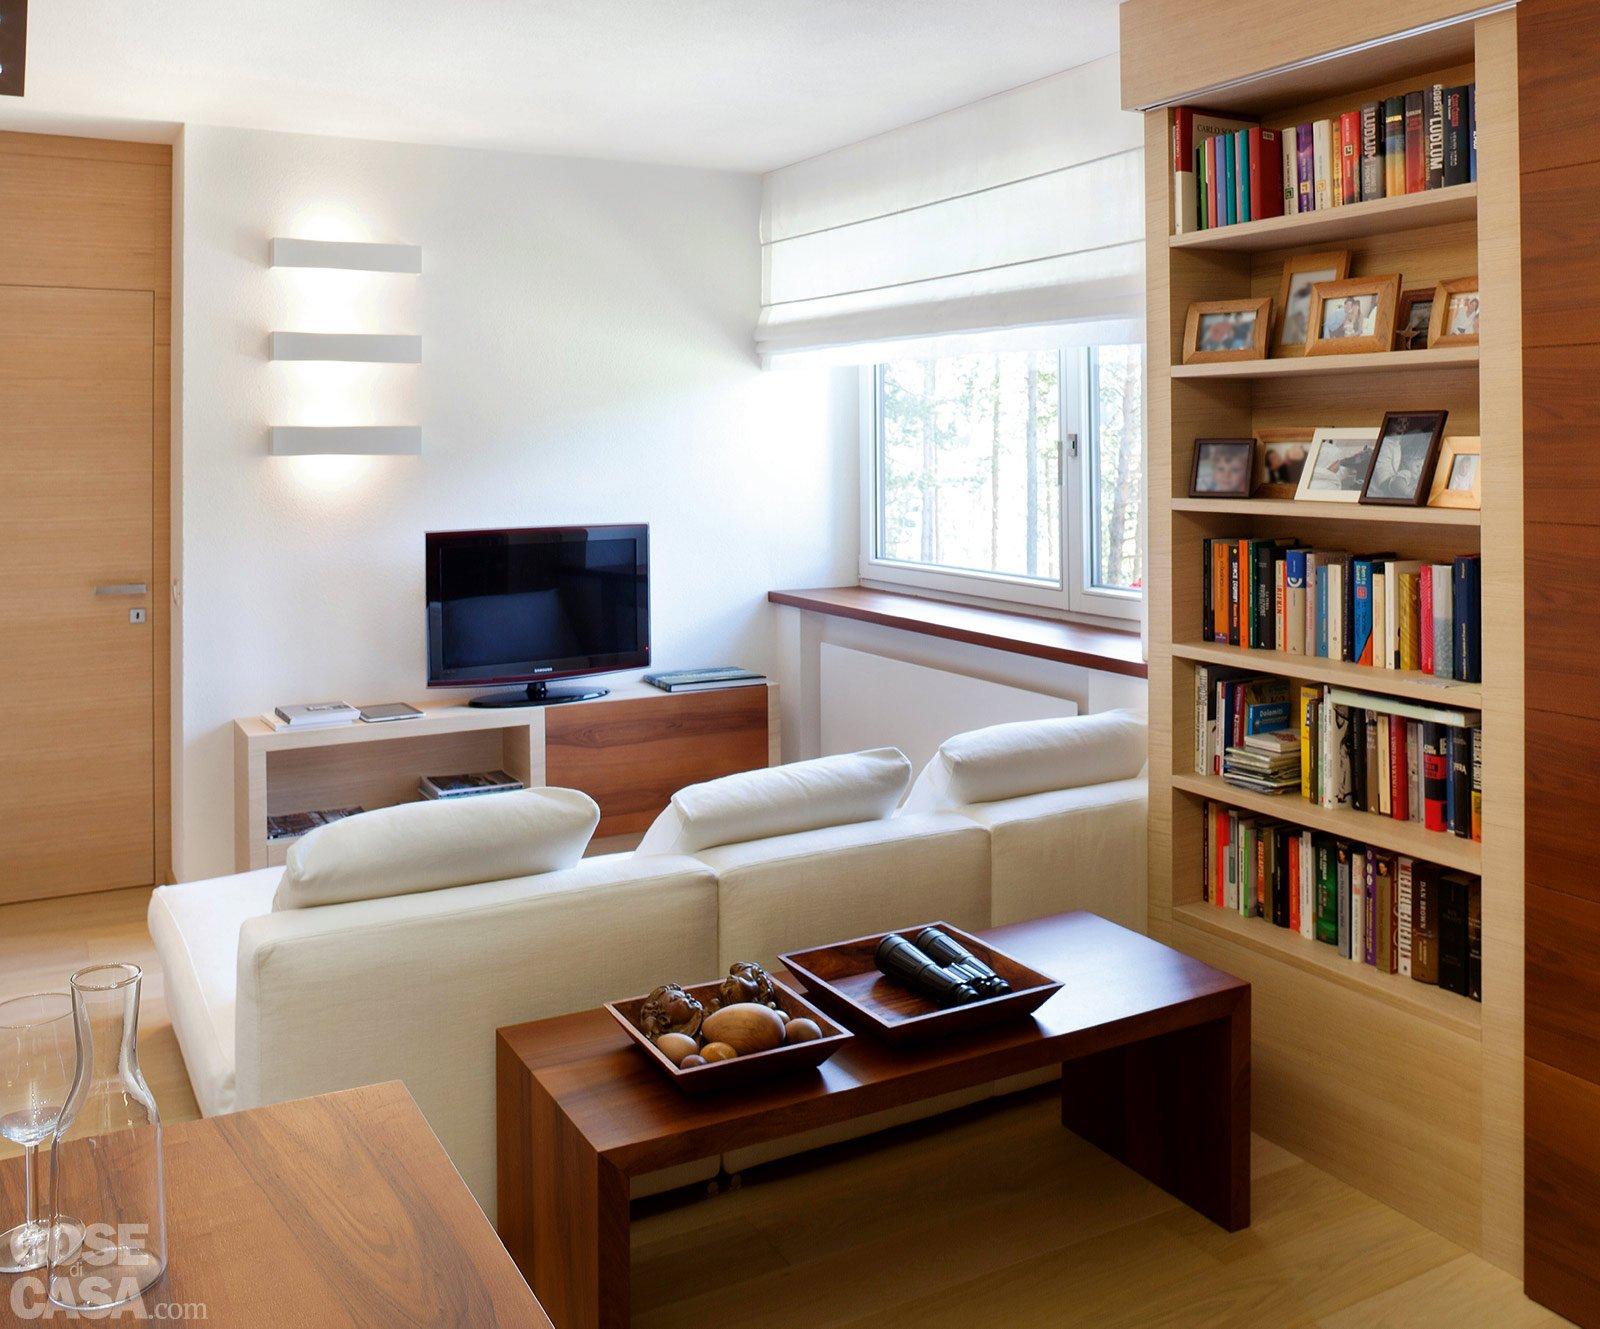 57 mq una casa con stanze trasformabili cose di casa - Cucina soggiorno 15 mq ...